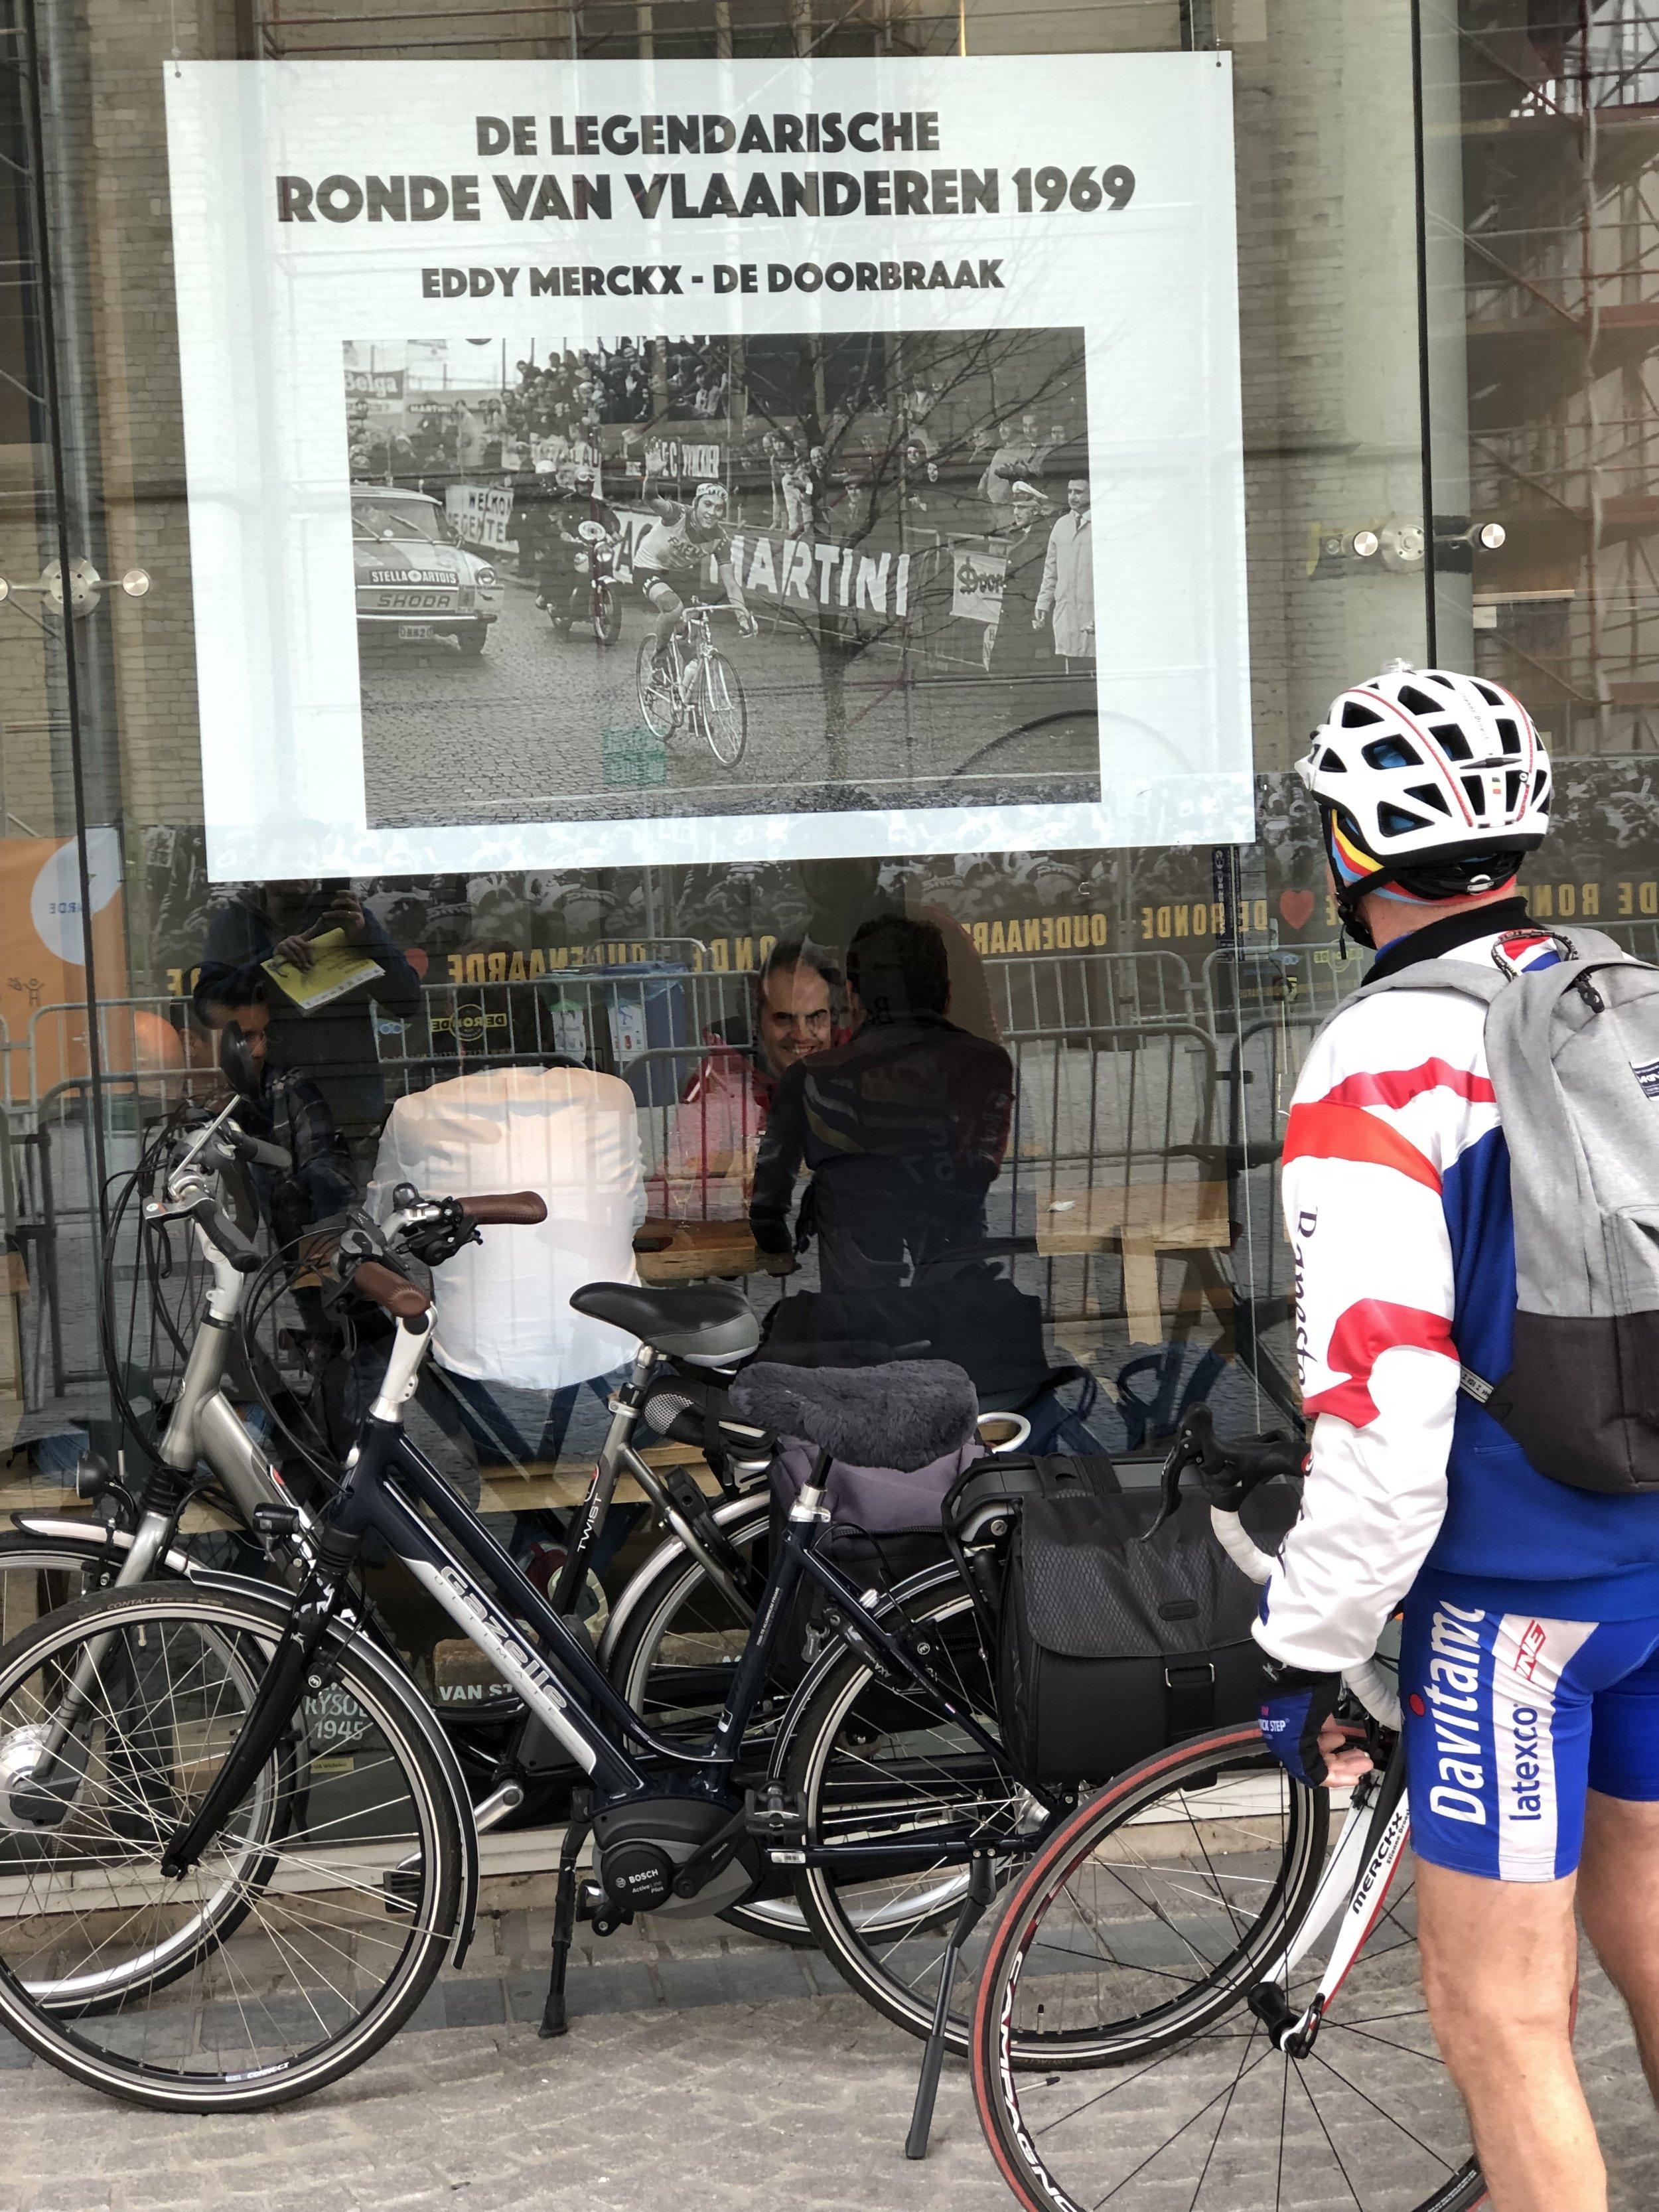 Gute Einstimmung aufs Rennen: das Museum zum Flandern-Klassiker in Oudenaarde.